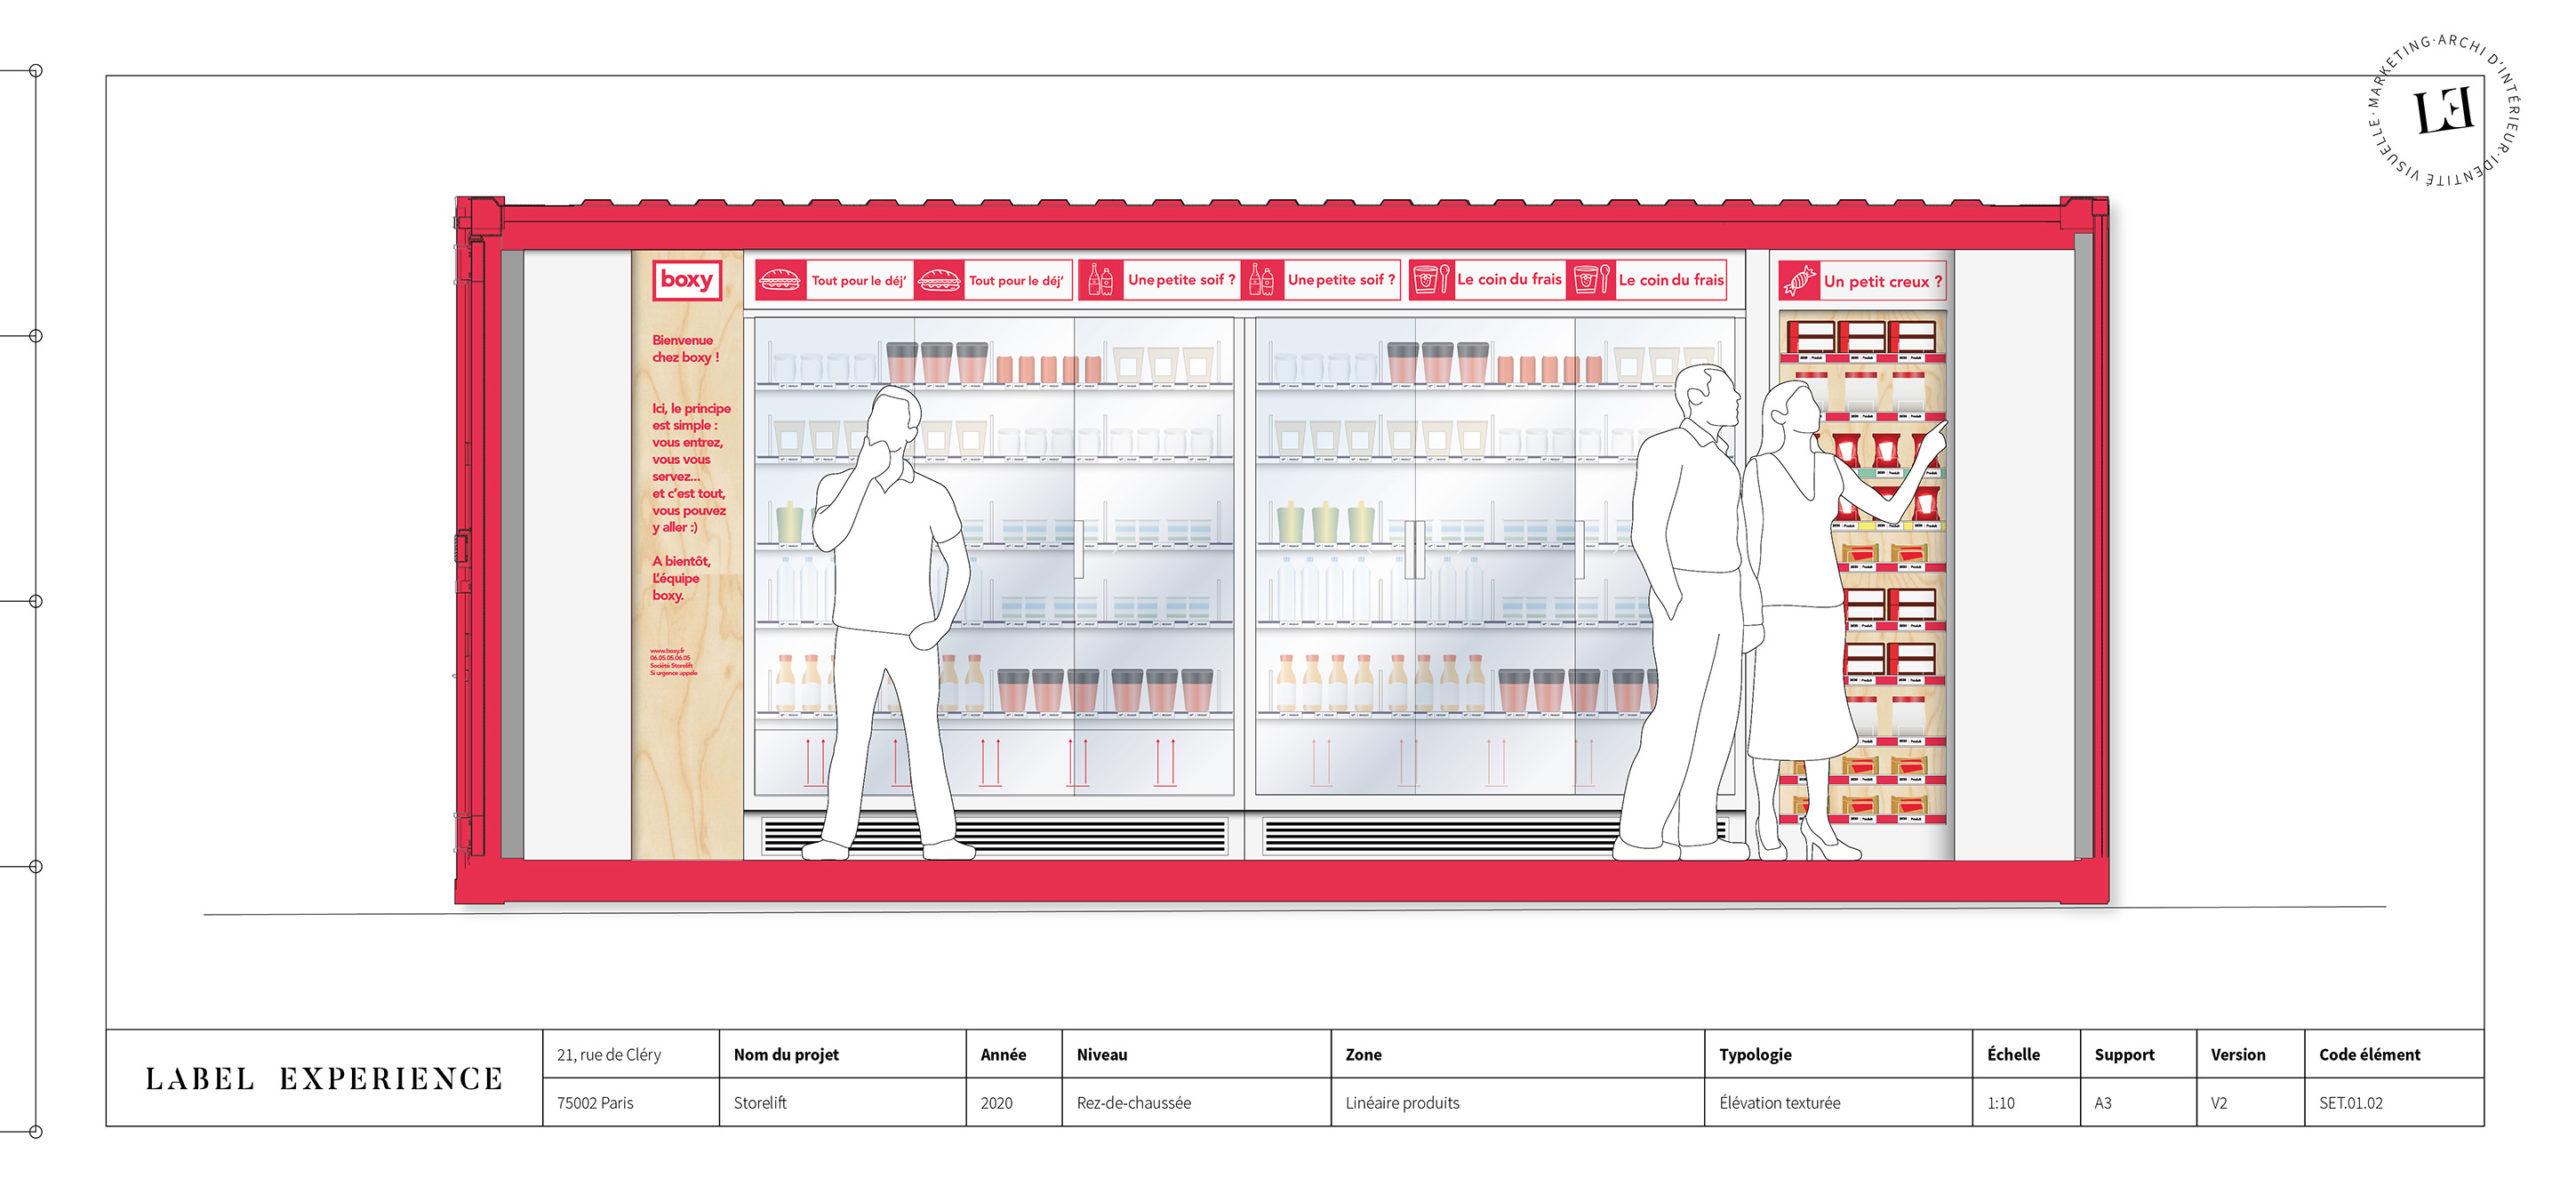 Label Experience : croquis du linéaire de la boutique Boxy by Storelift